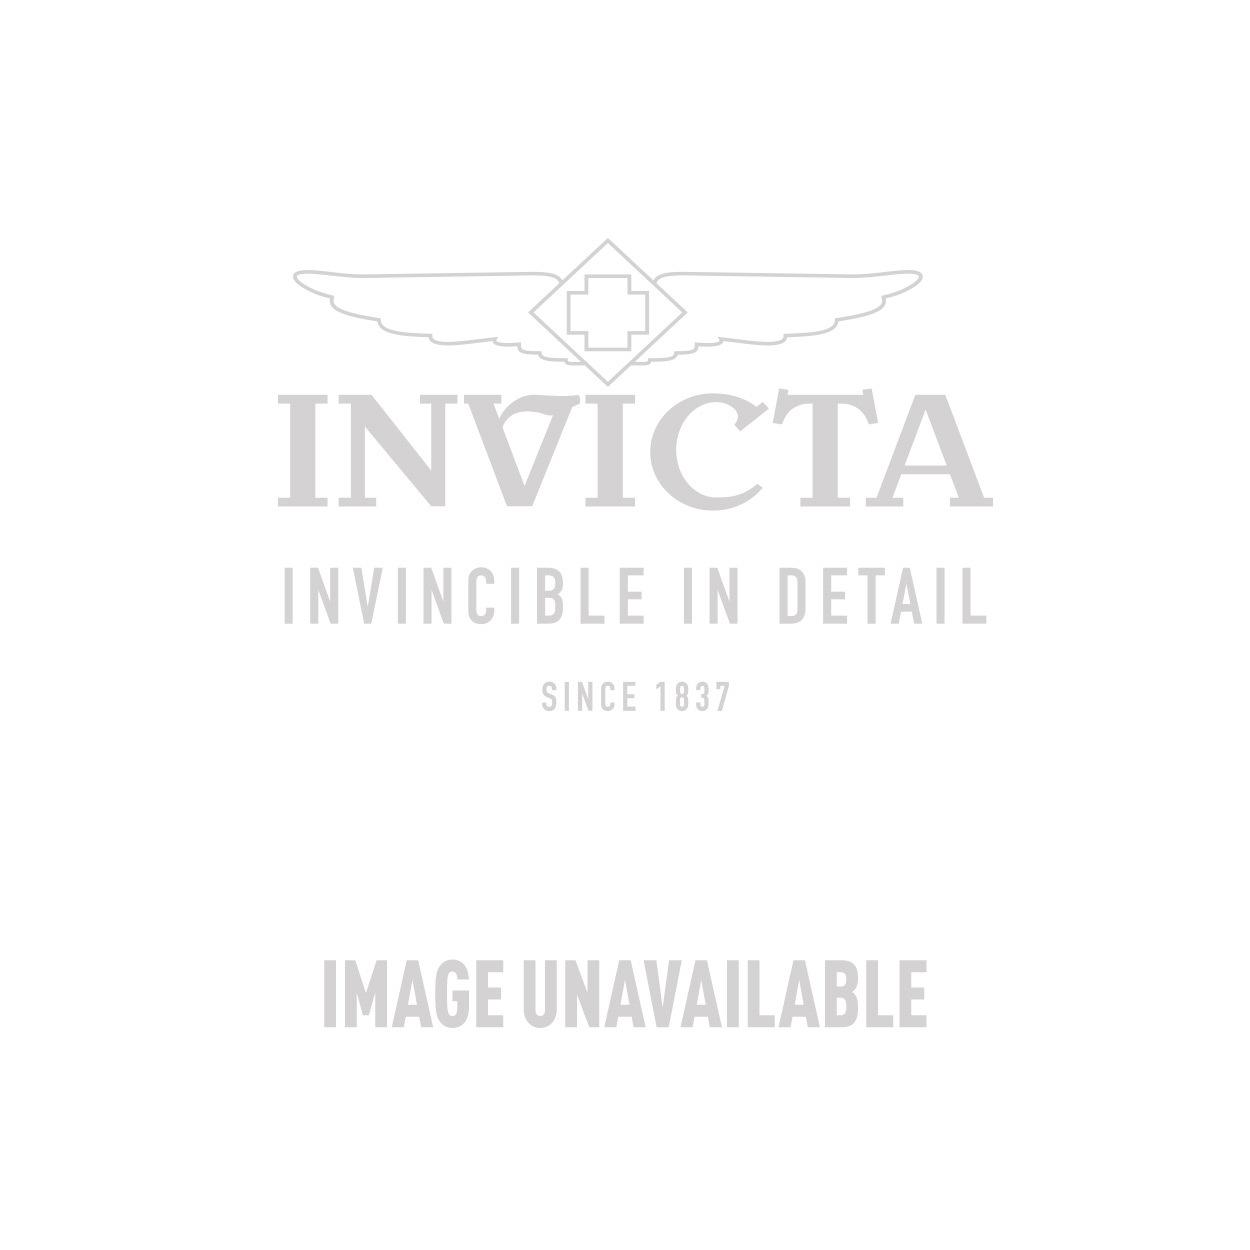 Invicta Model 25254